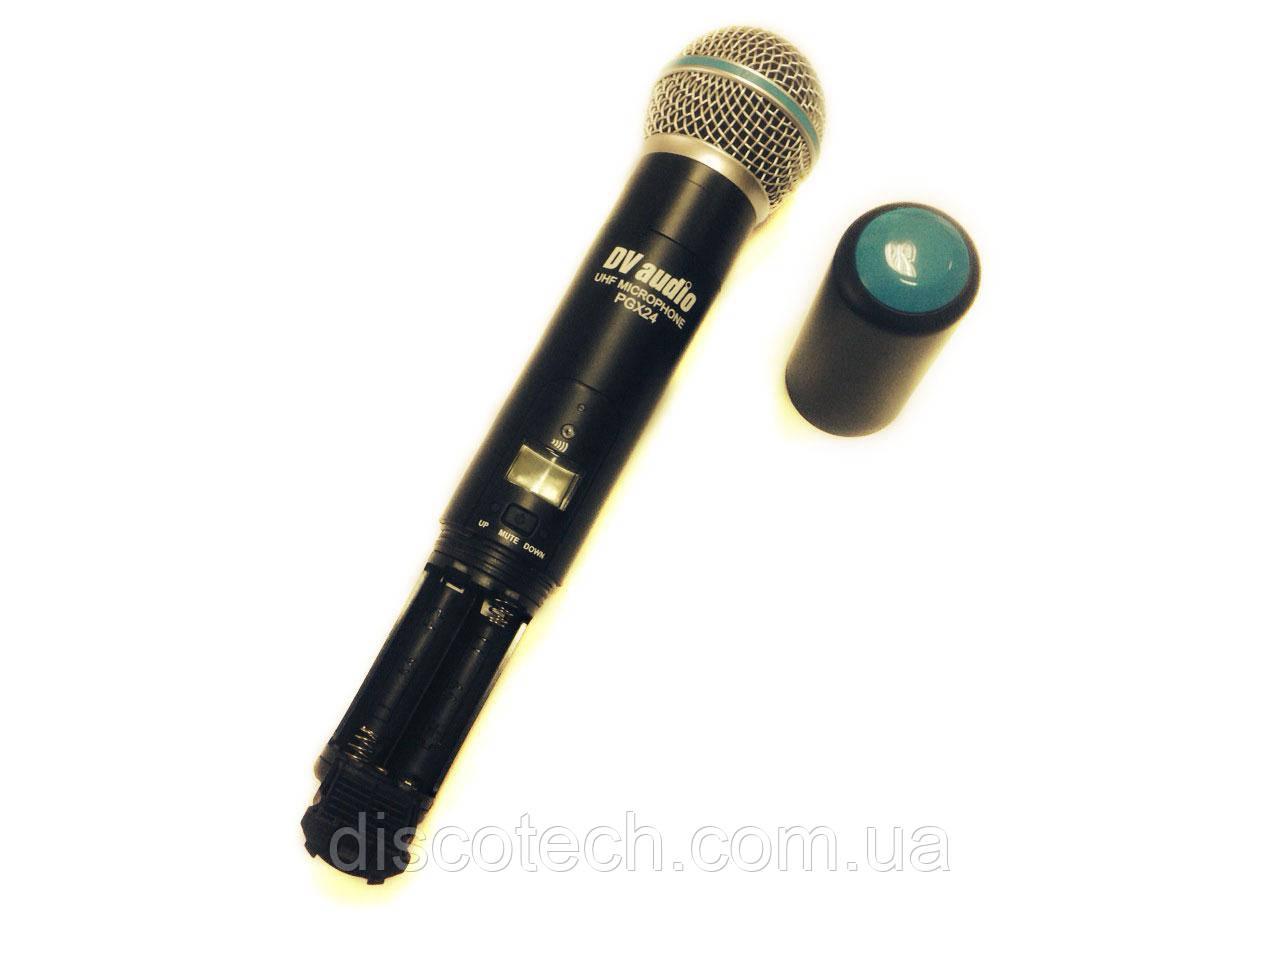 Ручний передавач для BGX-24/PGX-24